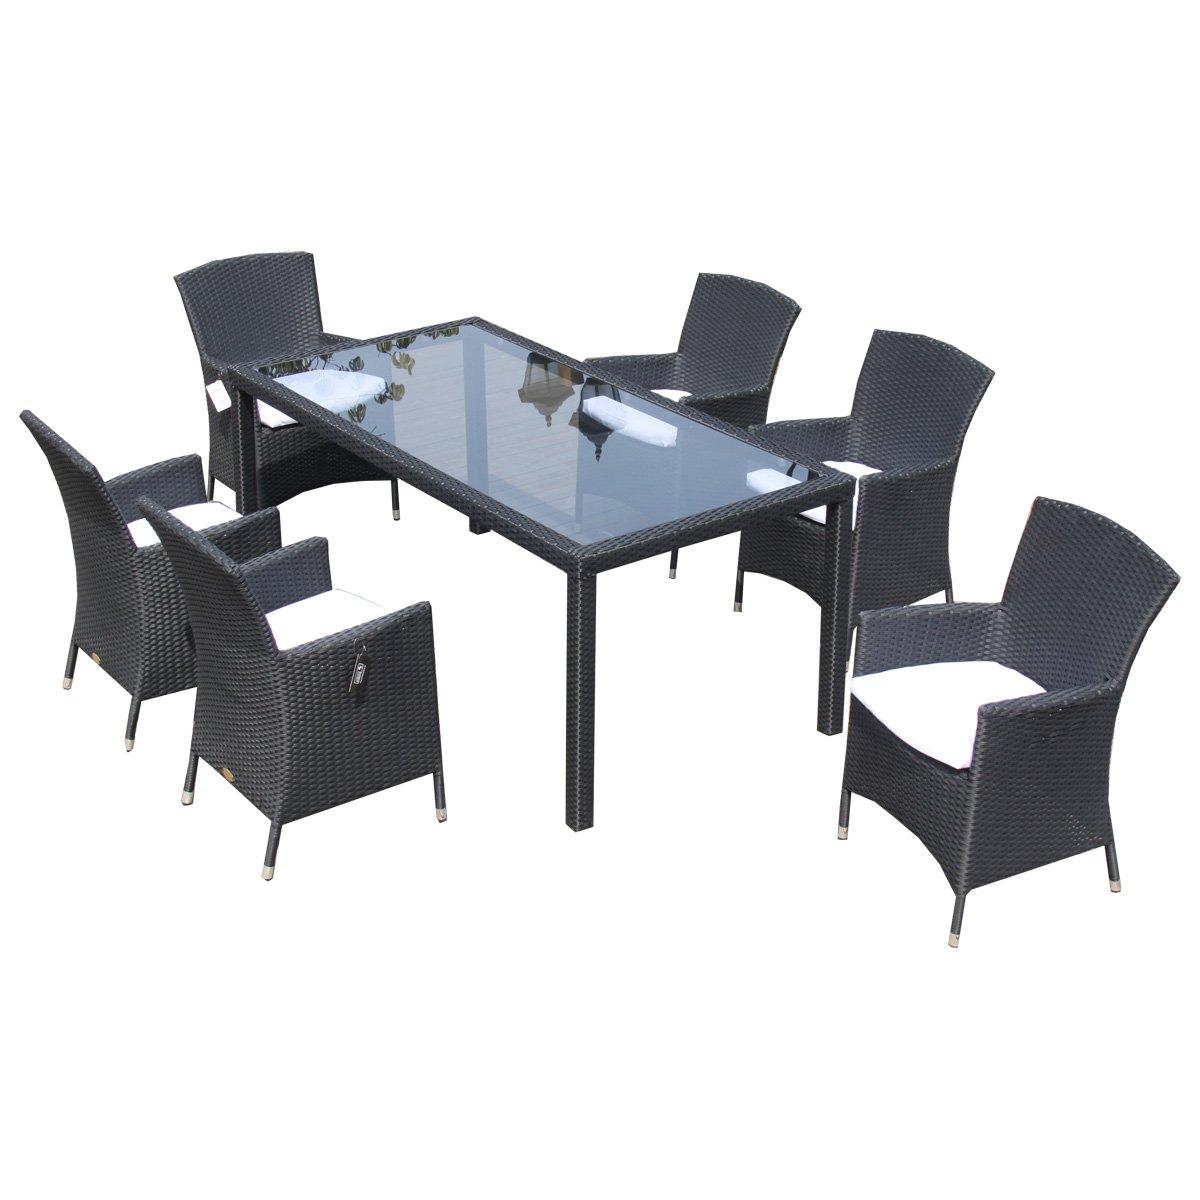 Ambientehome Polyrattan Sitzgruppe Essgruppe Ledo, schwarz, 7-teiliges Set online kaufen